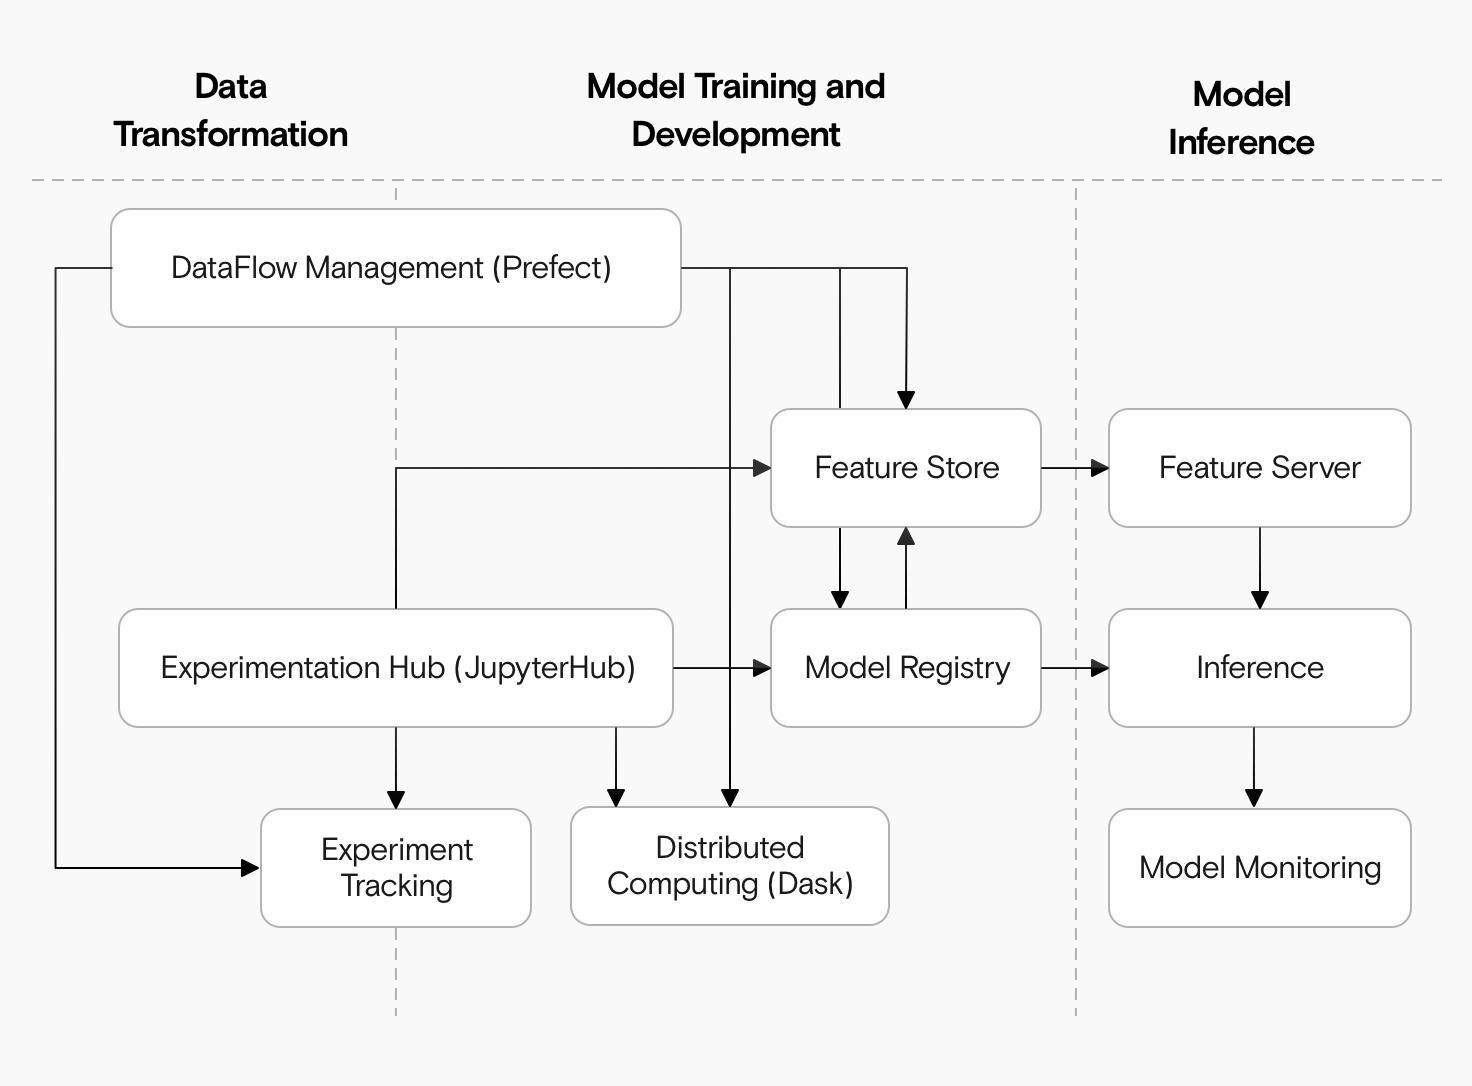 Ein Diagramm, das zeigt, wie Prefect, JupyterHub und Dask in einer Machine Learning-Architektur zusammenspielen.